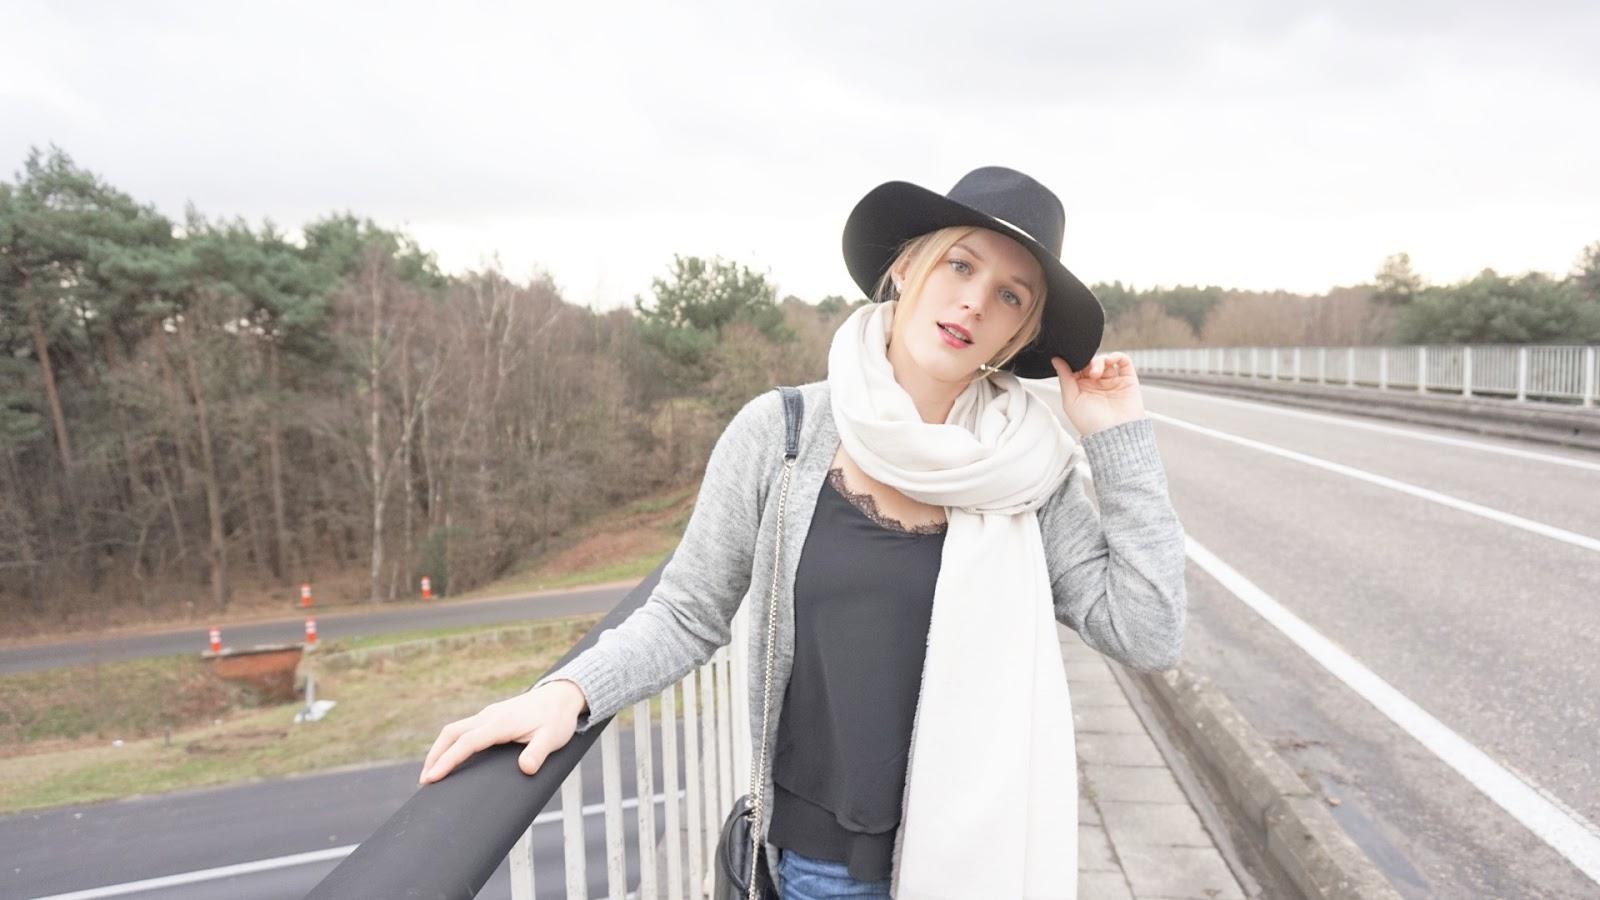 DSC02020 | Eline Van Dingenen